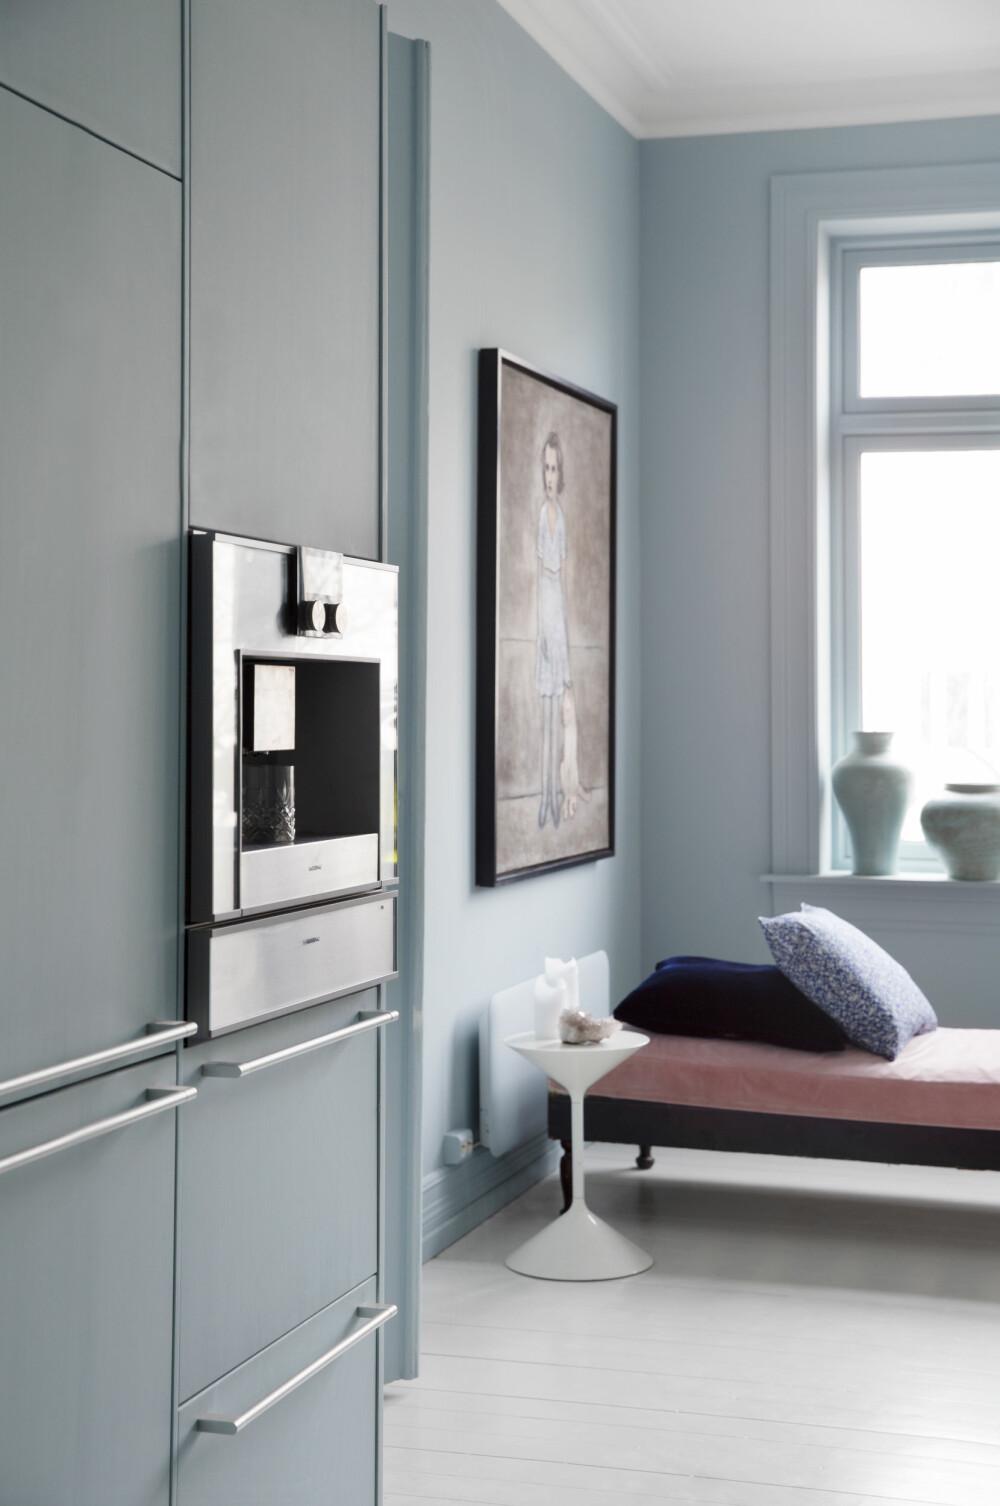 BLÅTONE: Tidligere har Tone hatt hvite vegger, men nå er vegger, lister og høyskap malt i samme blåtone. Det gir et delikat og ensfarget uttrykk